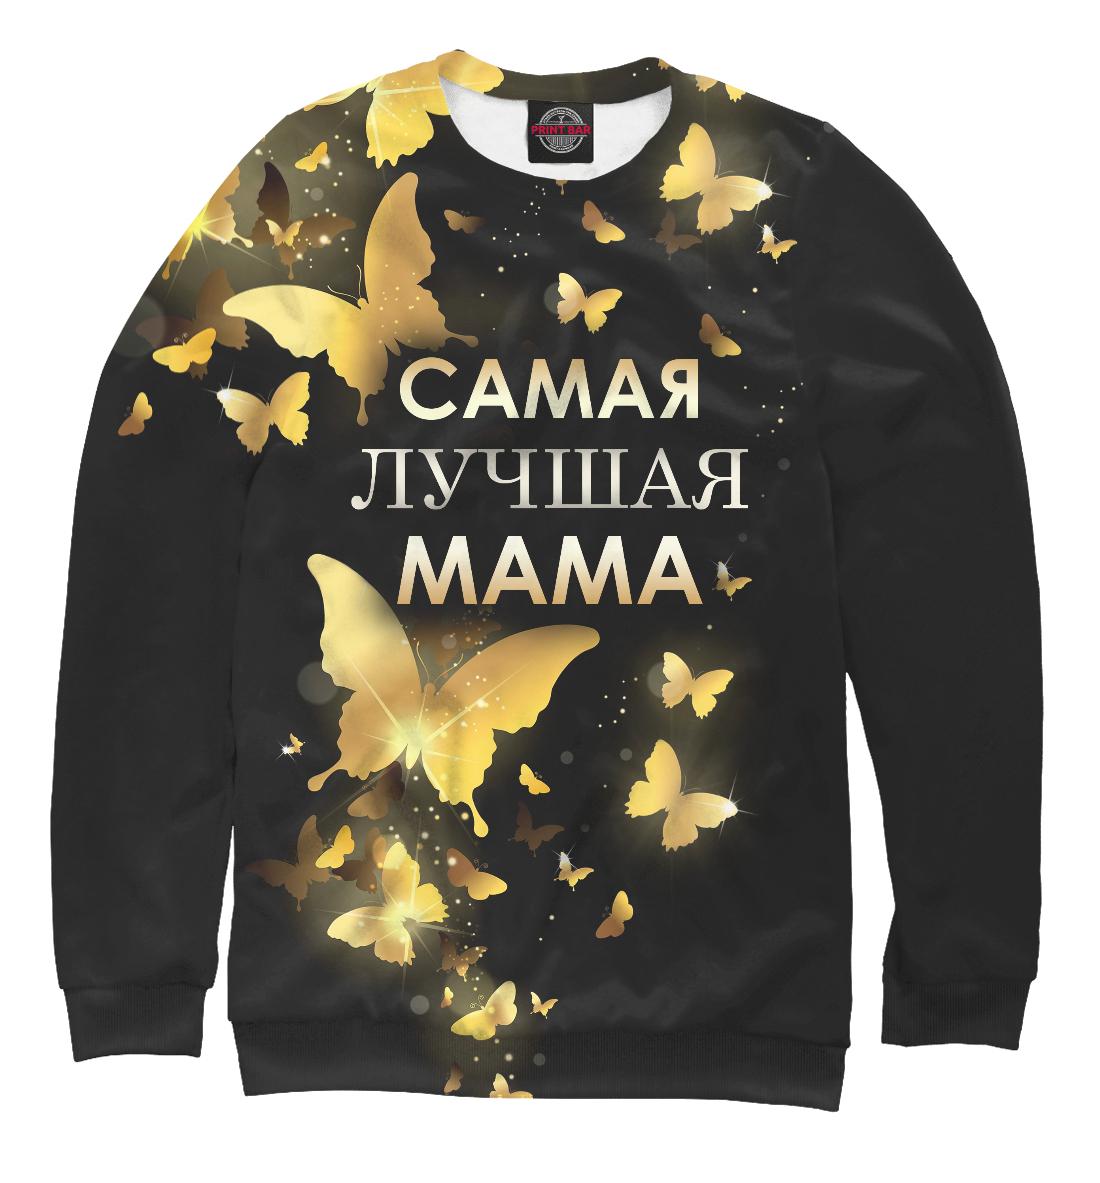 Купить Самая лучшая мама, Printbar, Свитшоты, MRT-727707-swi-2